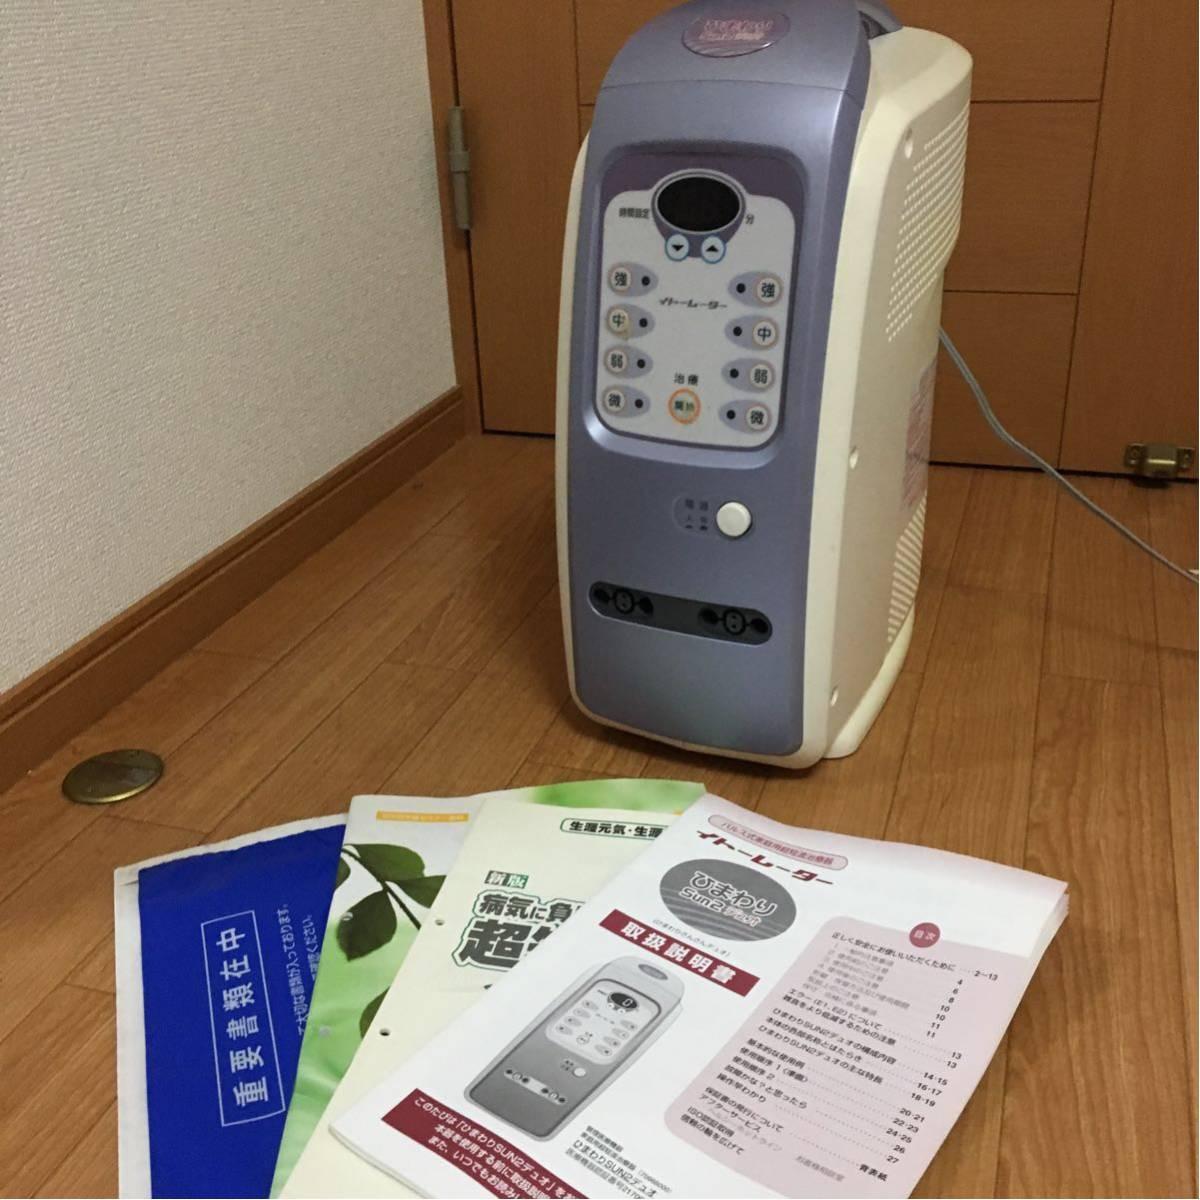 伊藤超短波株式会社 ひまわりSUN2デュオ 家庭用超短波治療器 イトーレーター 付属品多数